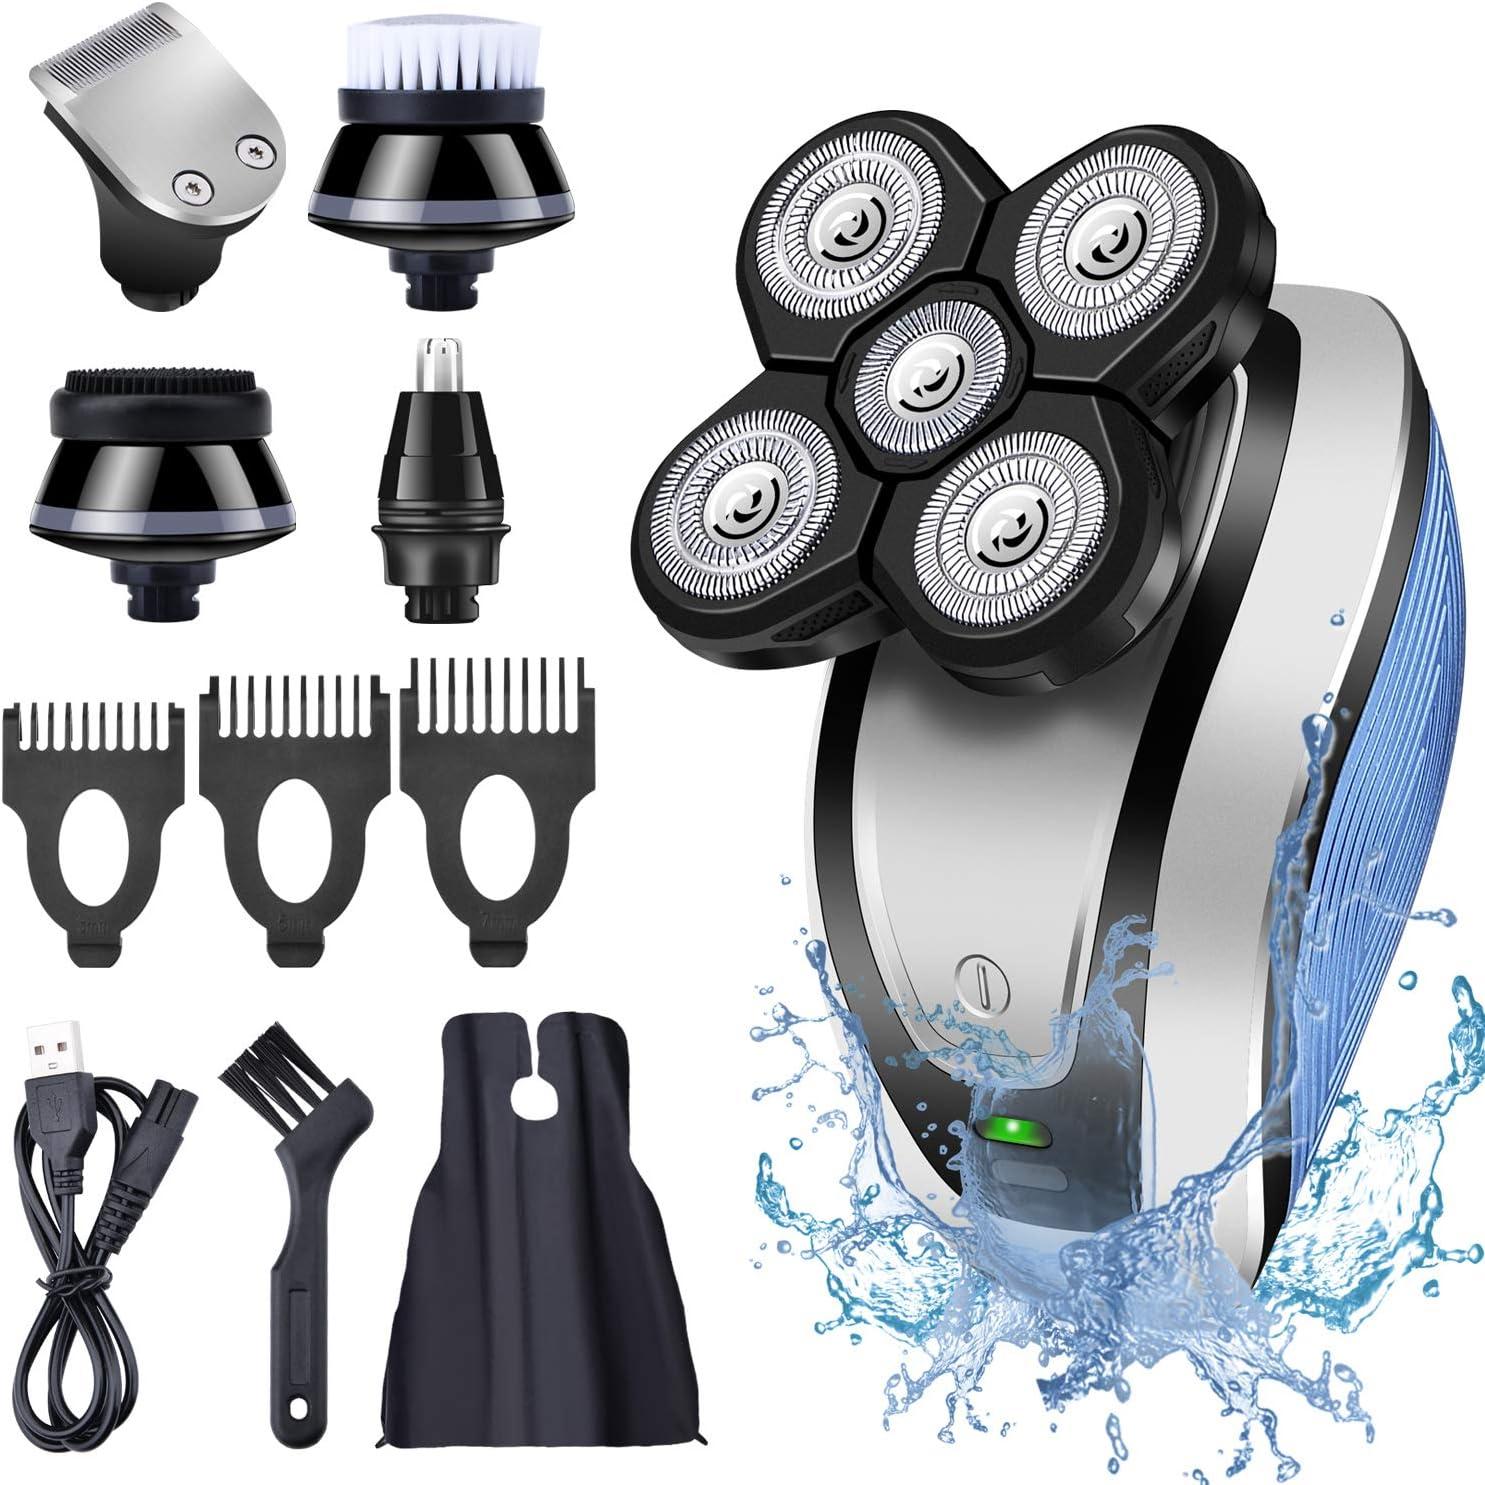 Hangrui Afeitadora Eléctrica,Máquina de Afeitar Eléctrica para Hombres Impermeable,Seco y Húmedo Afeitadora Rotativa con 5 Cabezas Flotantes,Recortadora Barba,Calva Cortapelos(USB Recargable)